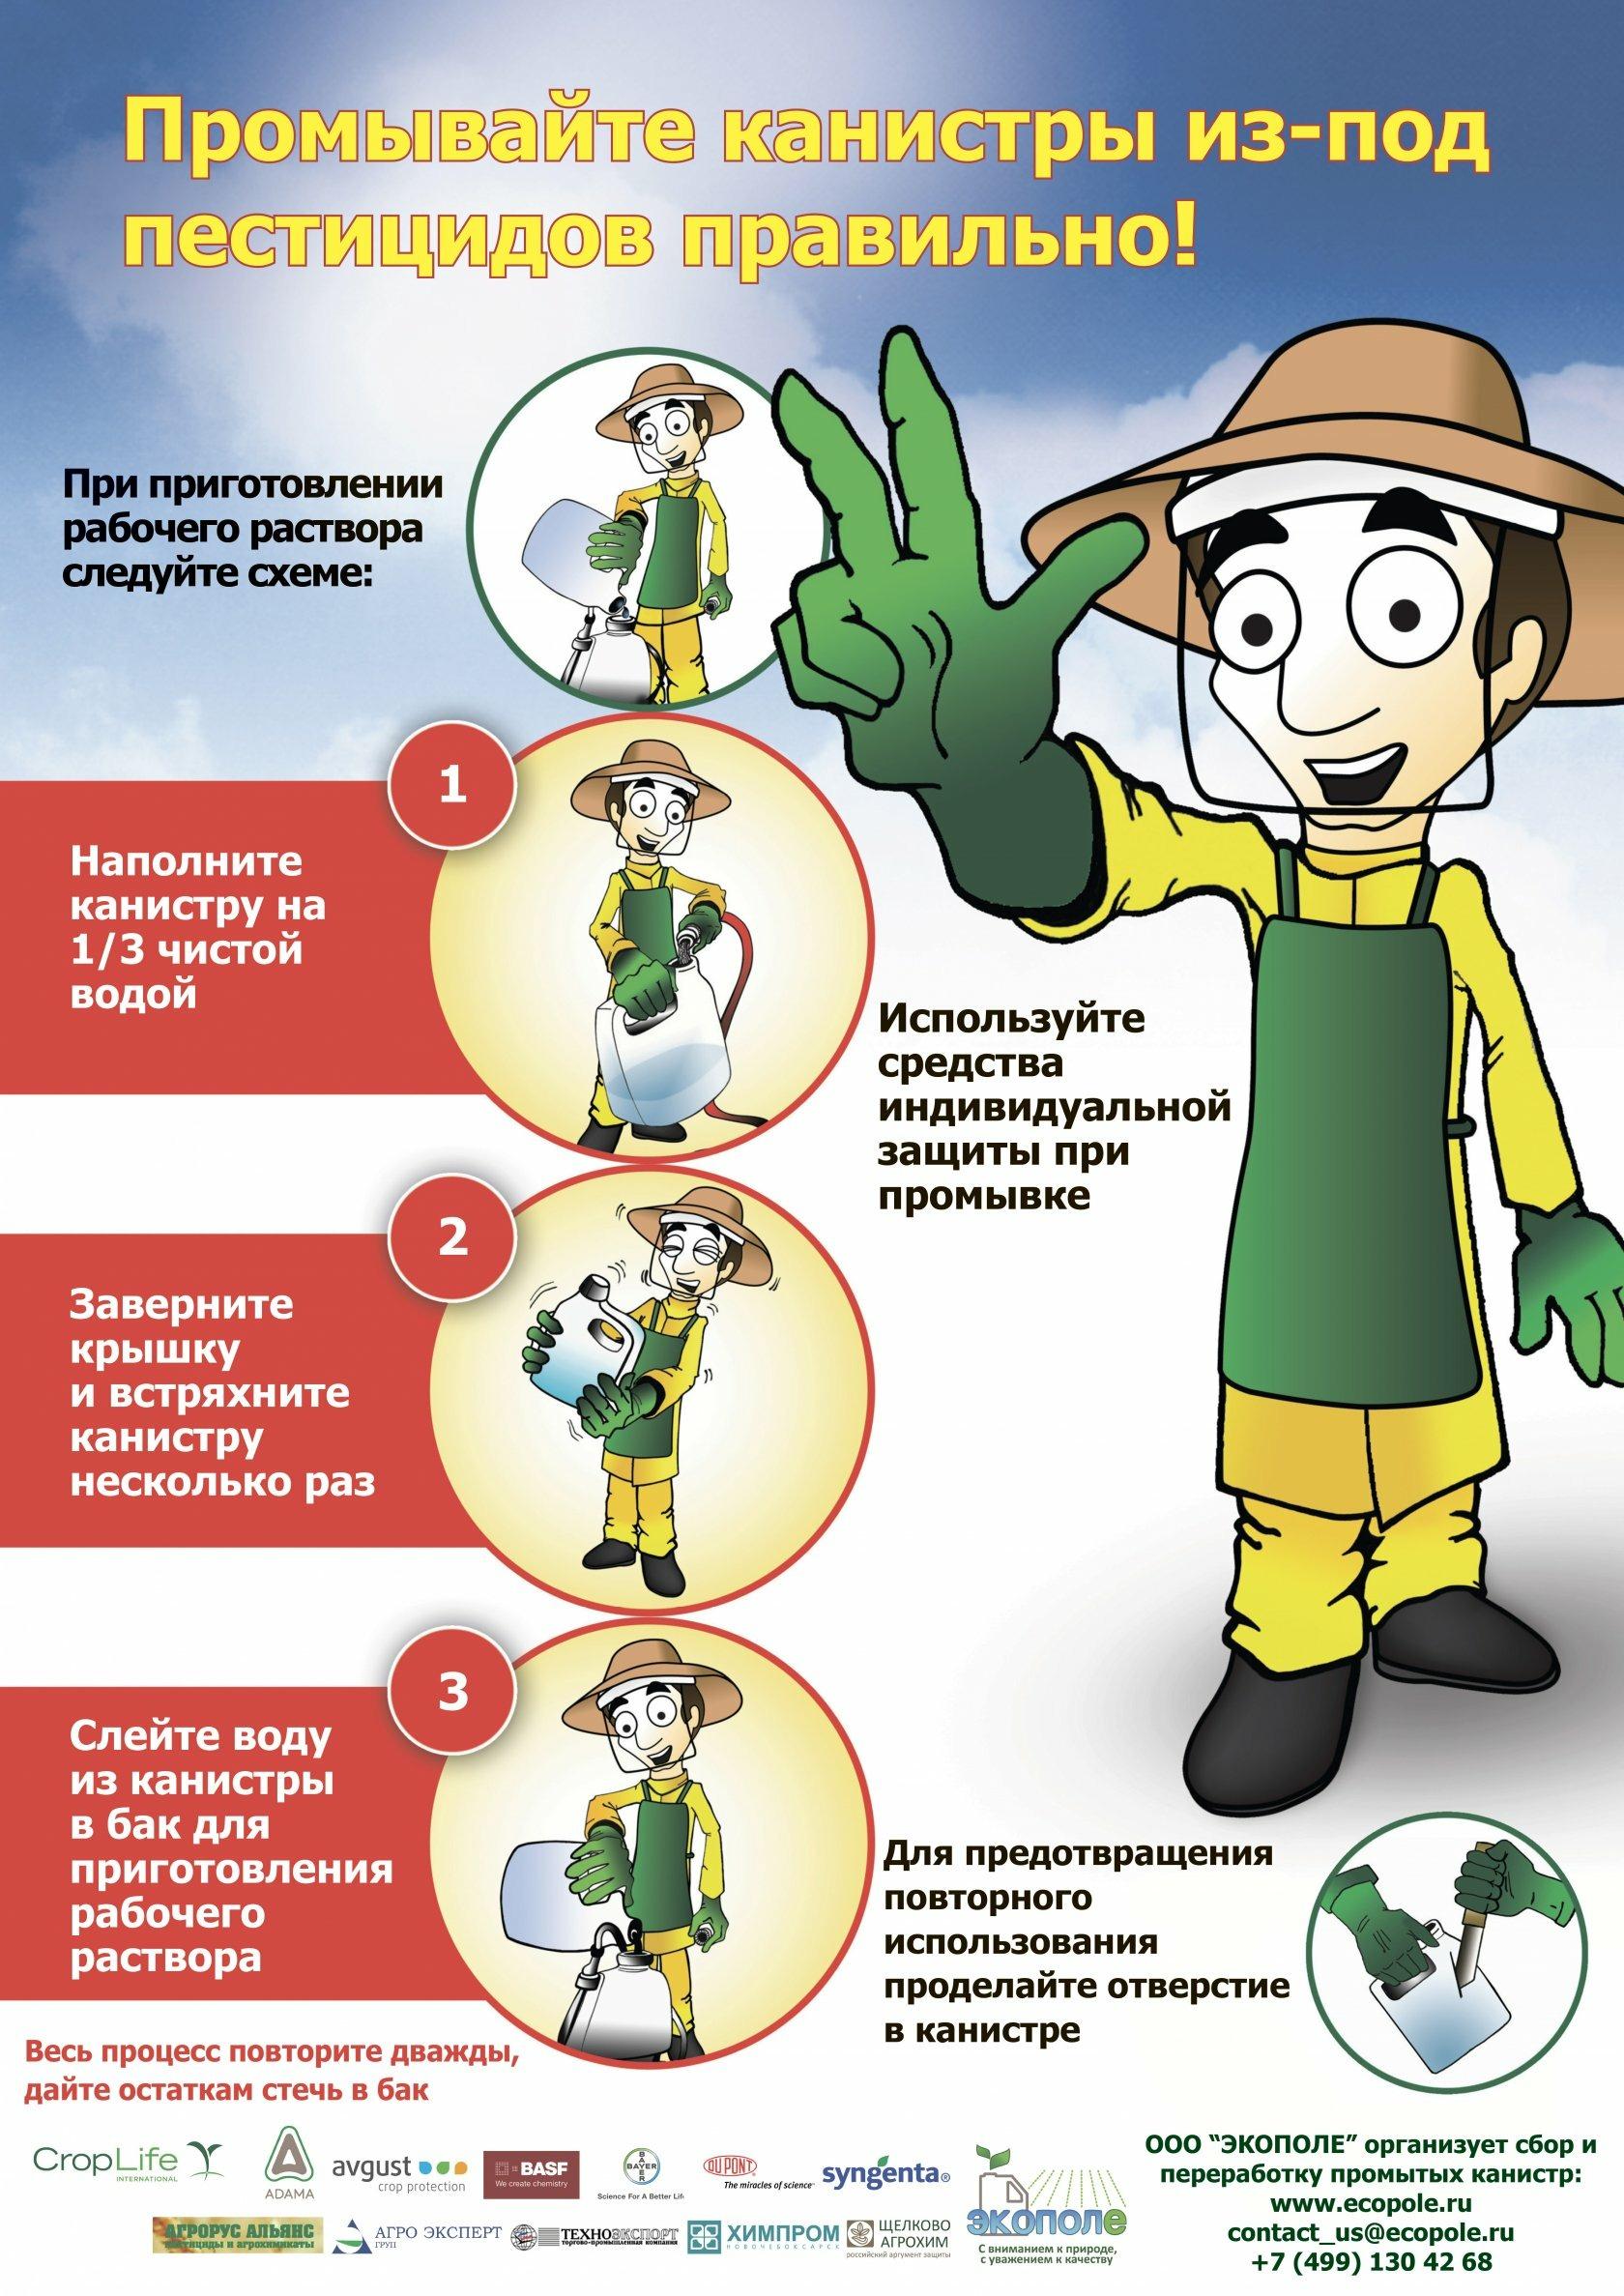 Россельхозцентр рассказал о правилах сбора и утилизации тары из-под пестицидов